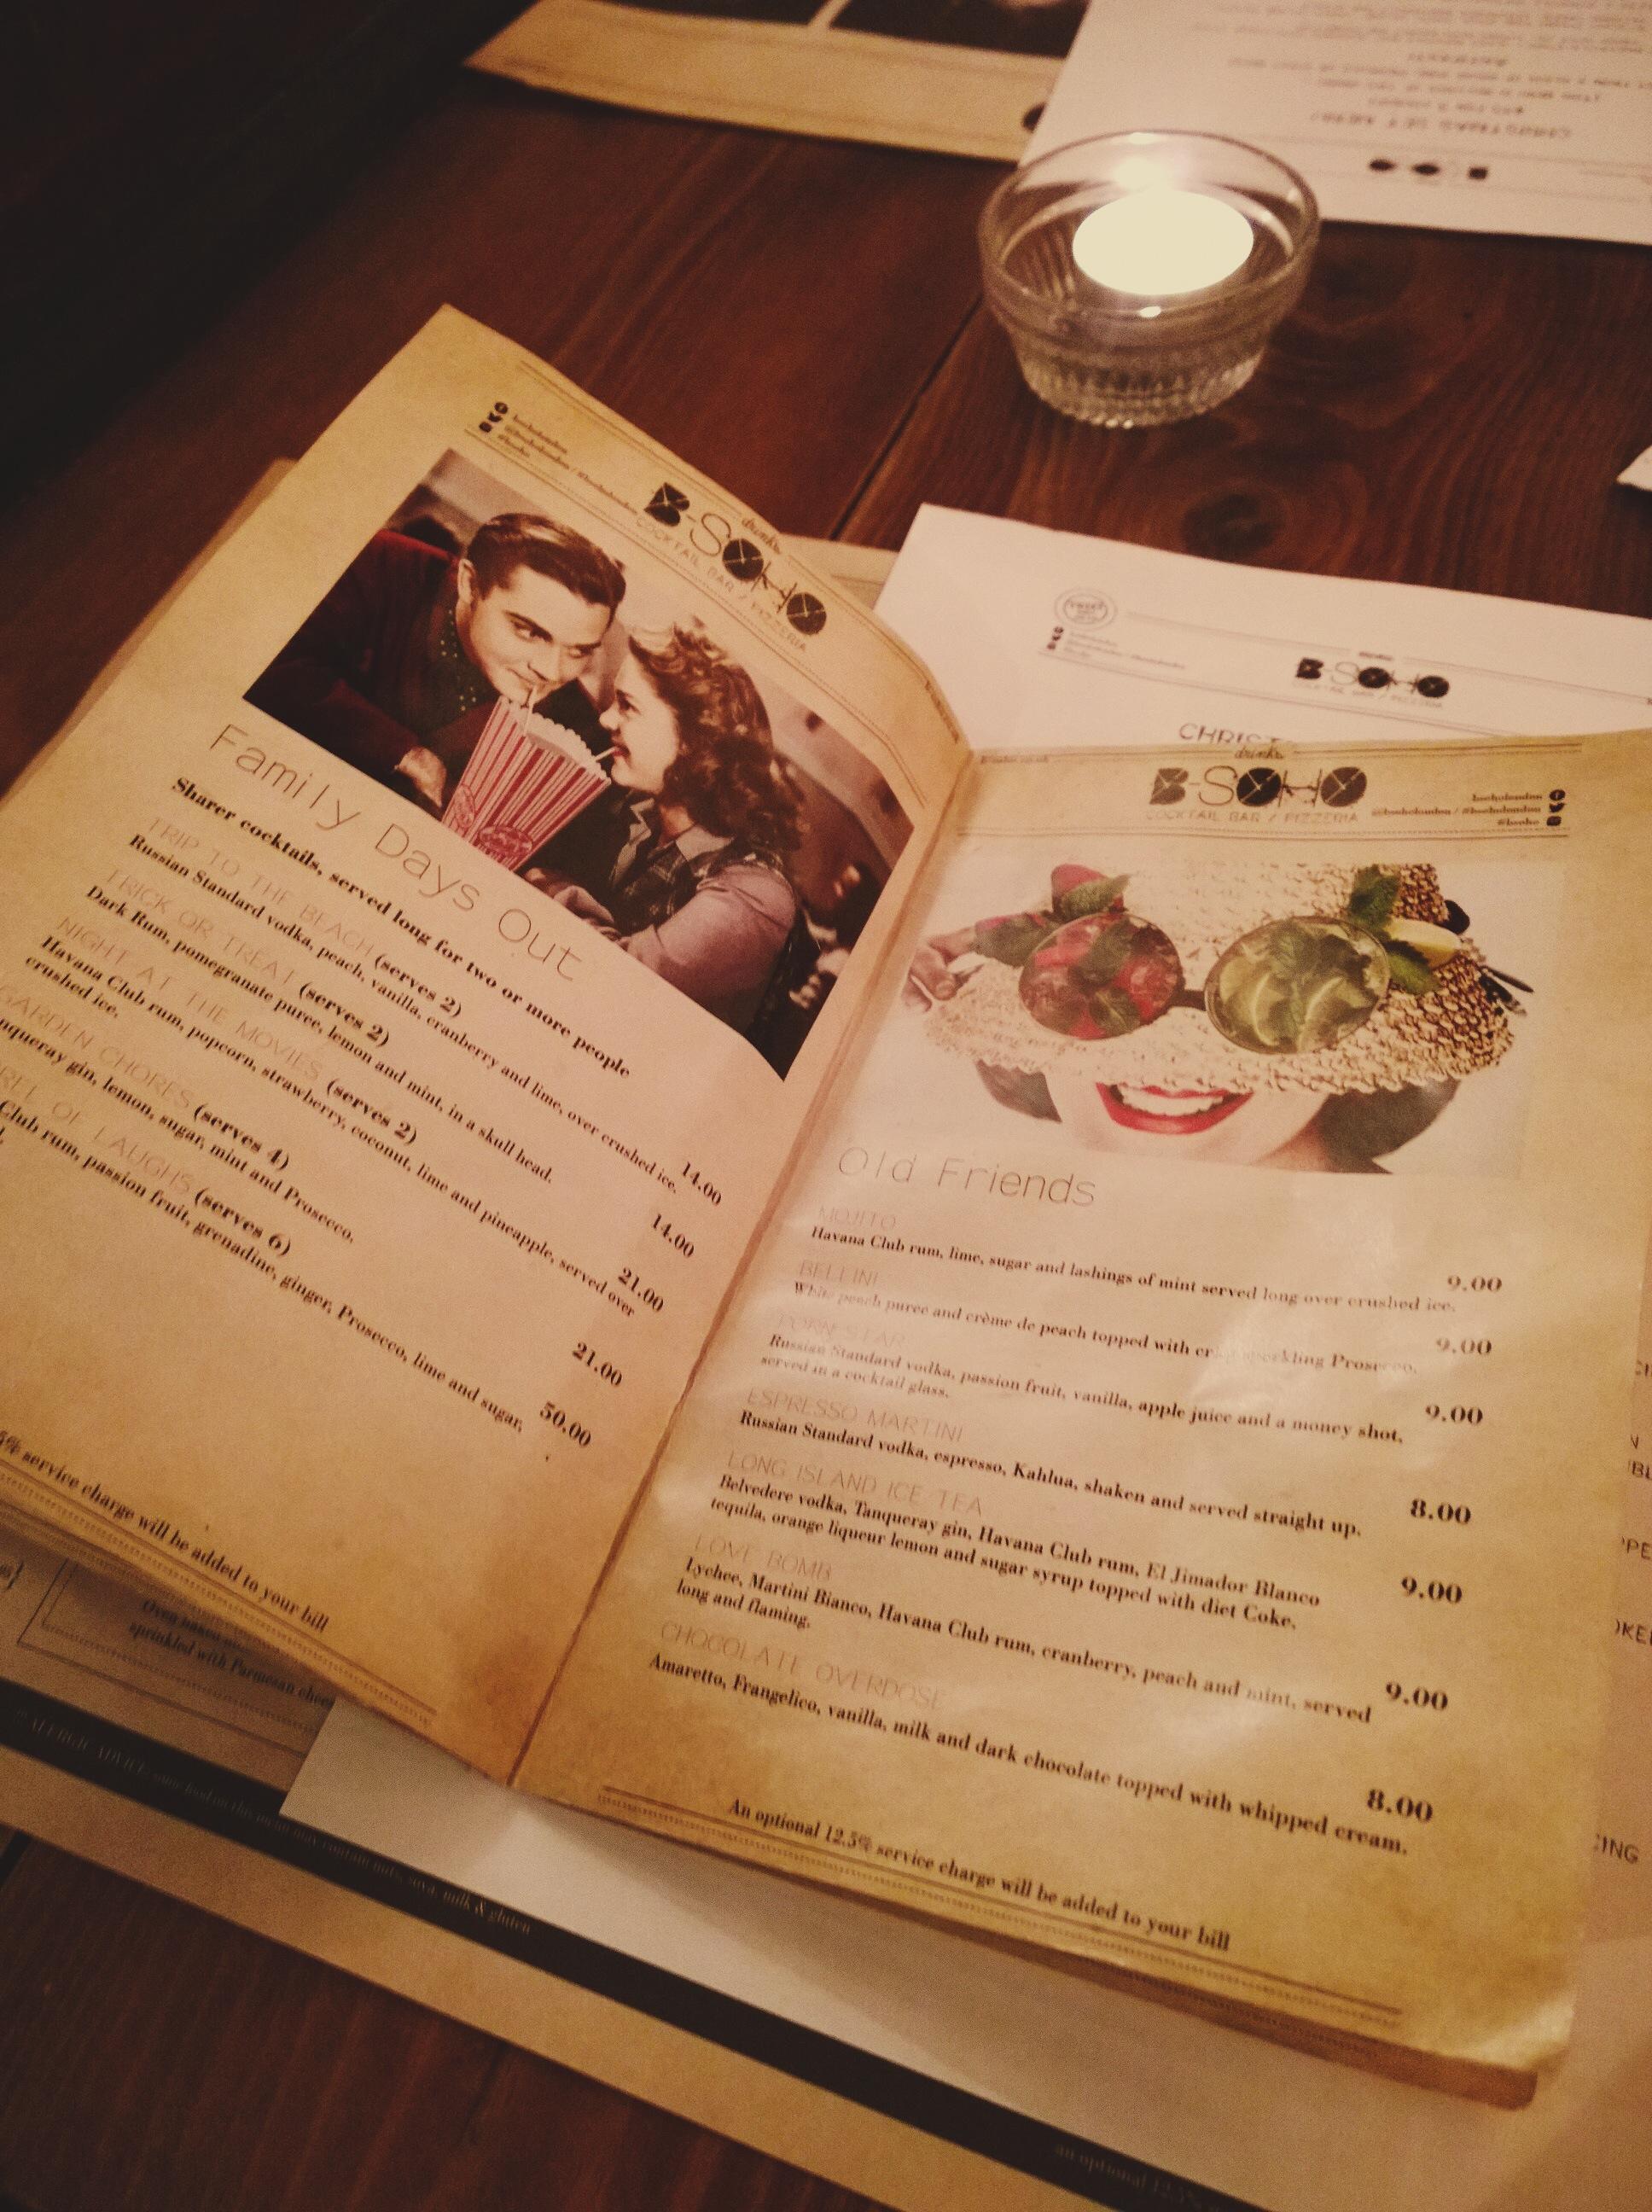 Bsoho cocktail menu